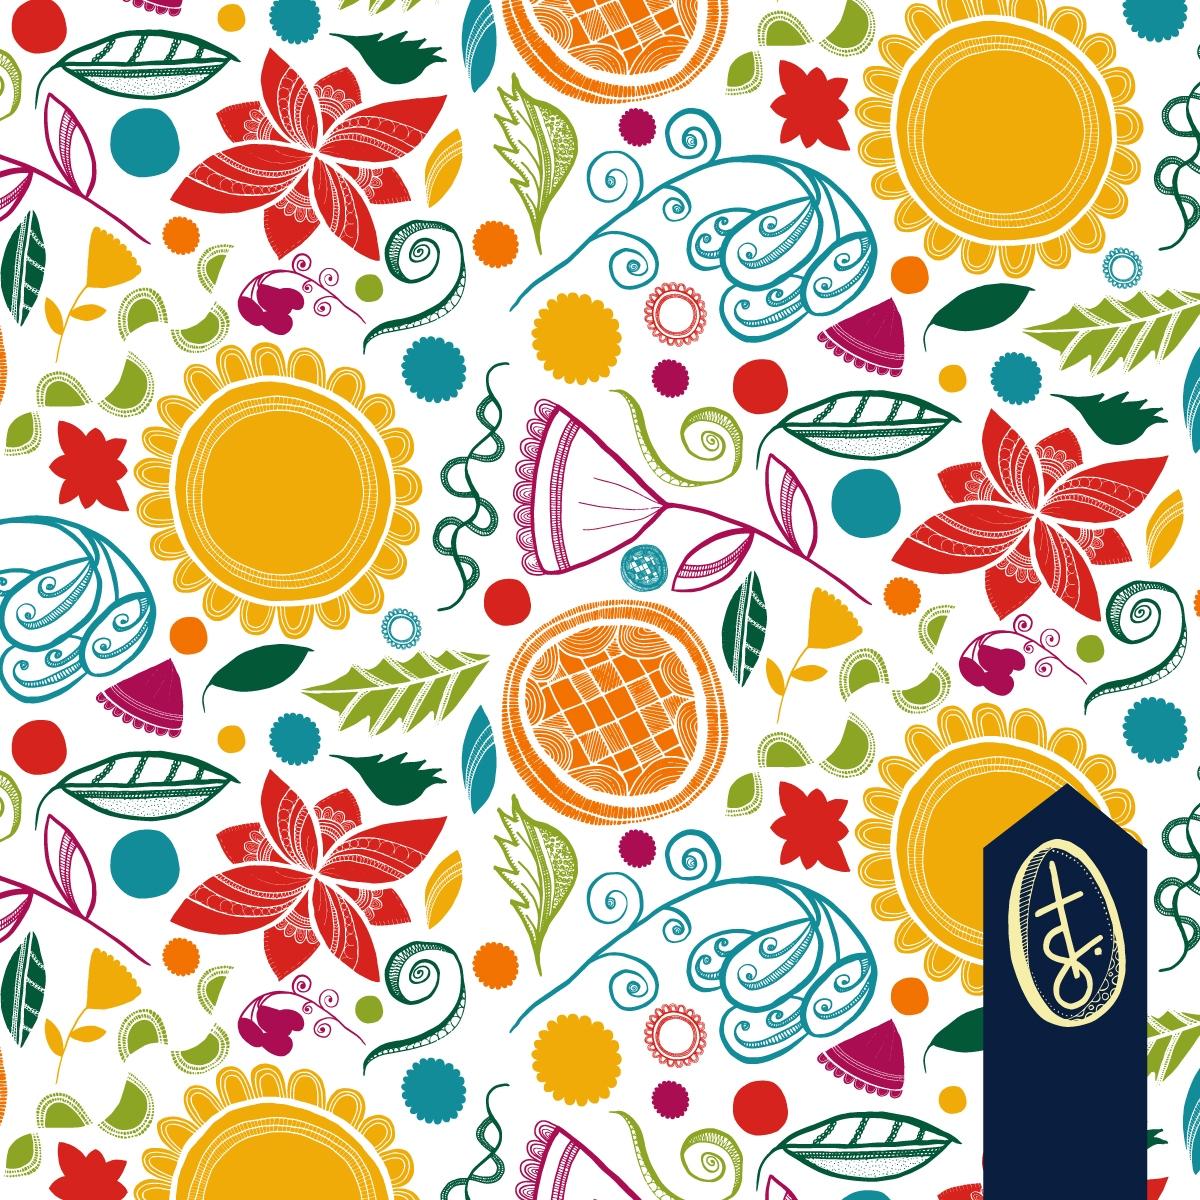 Sketchy Florals - sketchy, florals - tashagoddard | ello